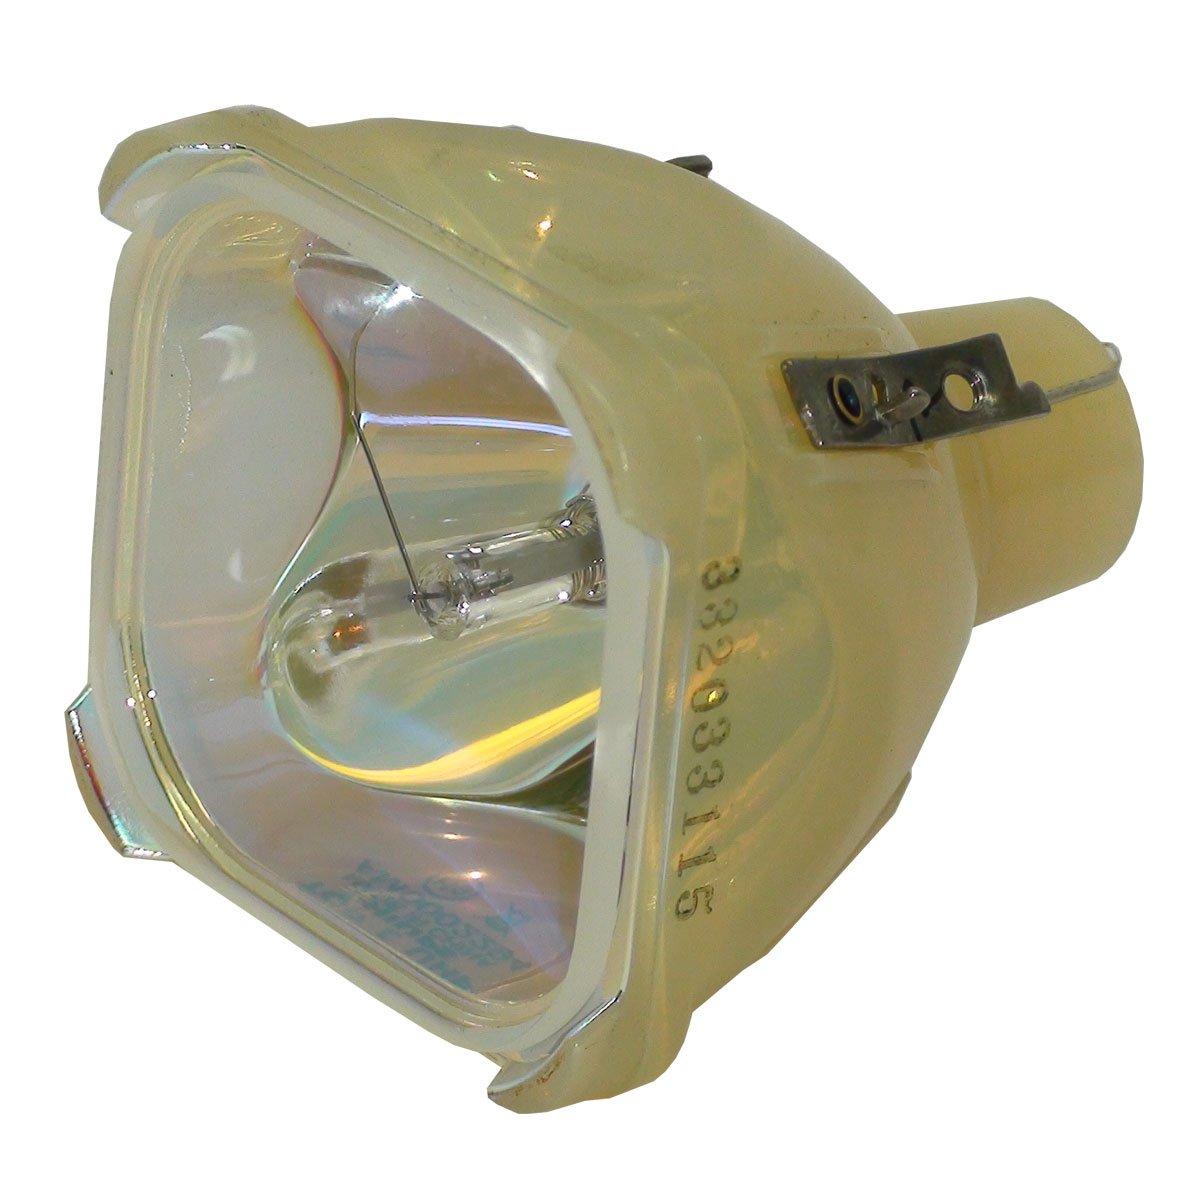 オリジナルフィリップスプロジェクター交換用ランプ Dukane 456-222用 Platinum (Brighter/Durable) Platinum (Brighter/Durable) Lamp Only B07KTLC8ZB